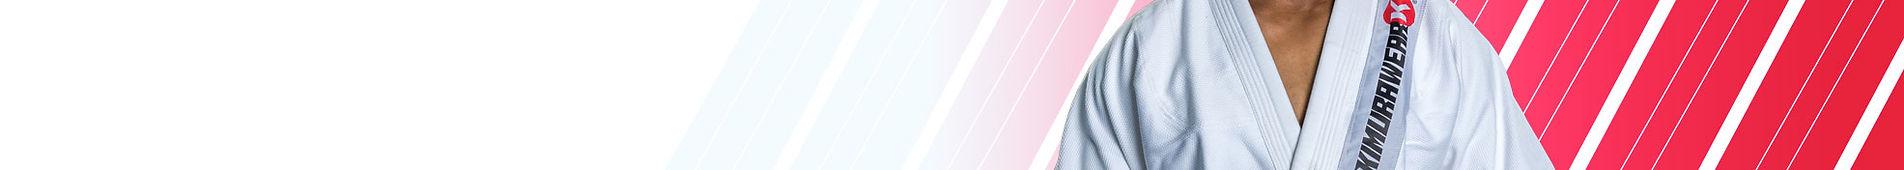 Jiu-Jitsu-Banner.jpg